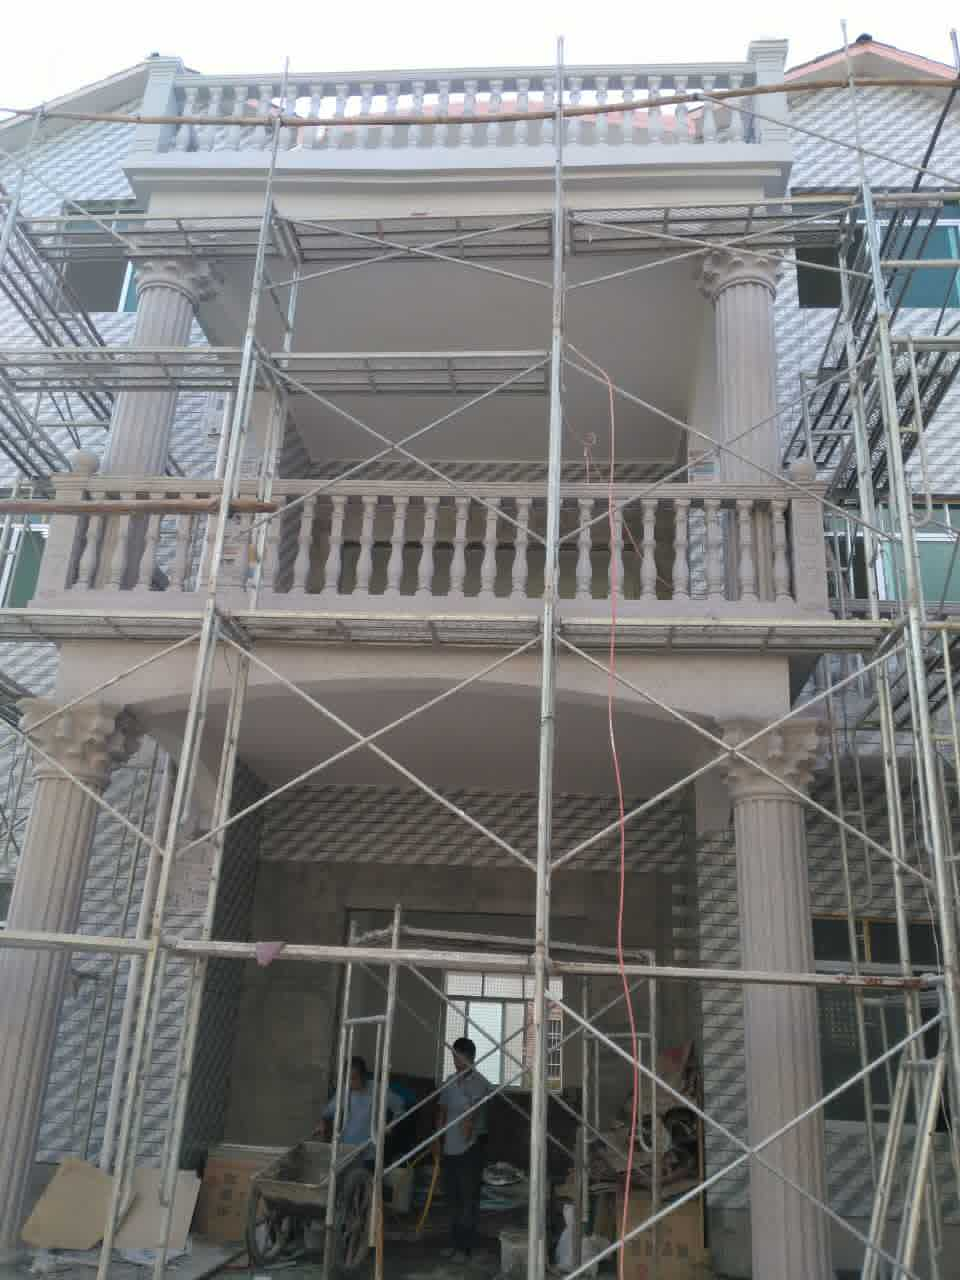 、水泥罗马柱、阳台护栏施工效果图-罗马柱种类 农村罗马柱房子效